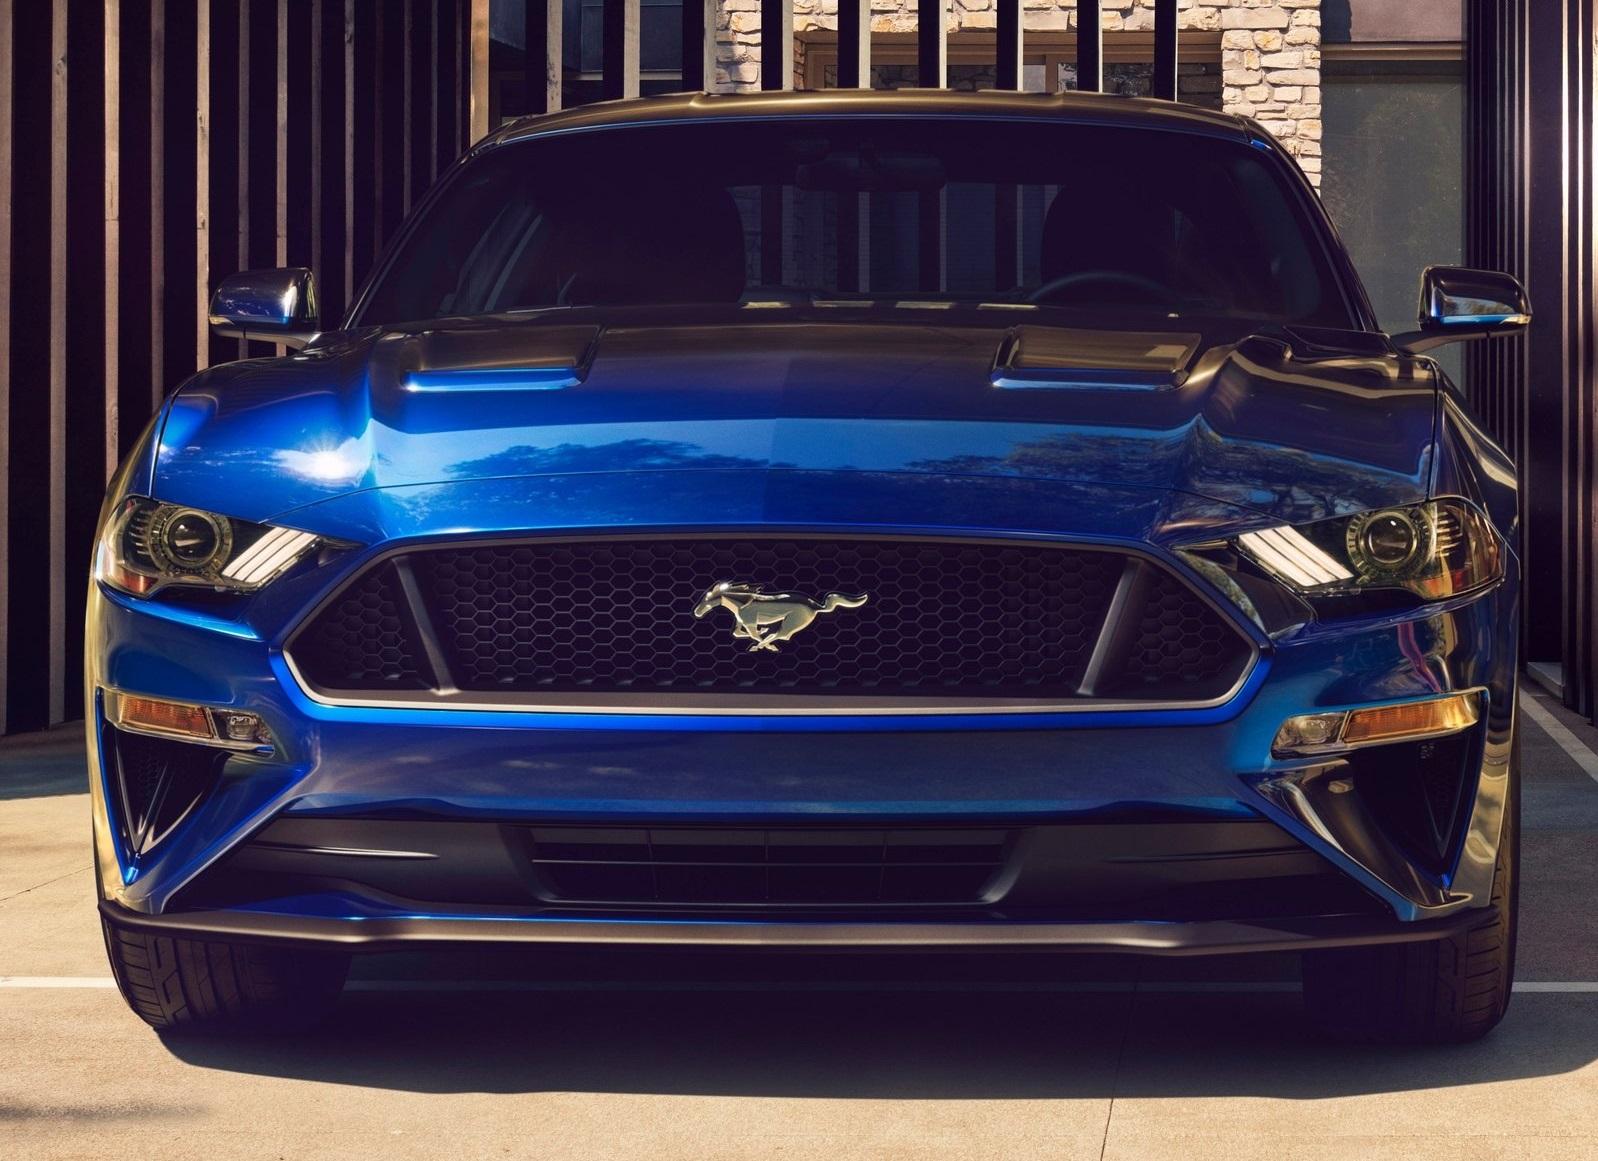 Lo Primero Que Llama La Atención Al Comparar El Nuevo Mustang Con Modelo Anterior Es Su Parte Frontal Esta Más Baja Antes Y Parrilla Adquiere